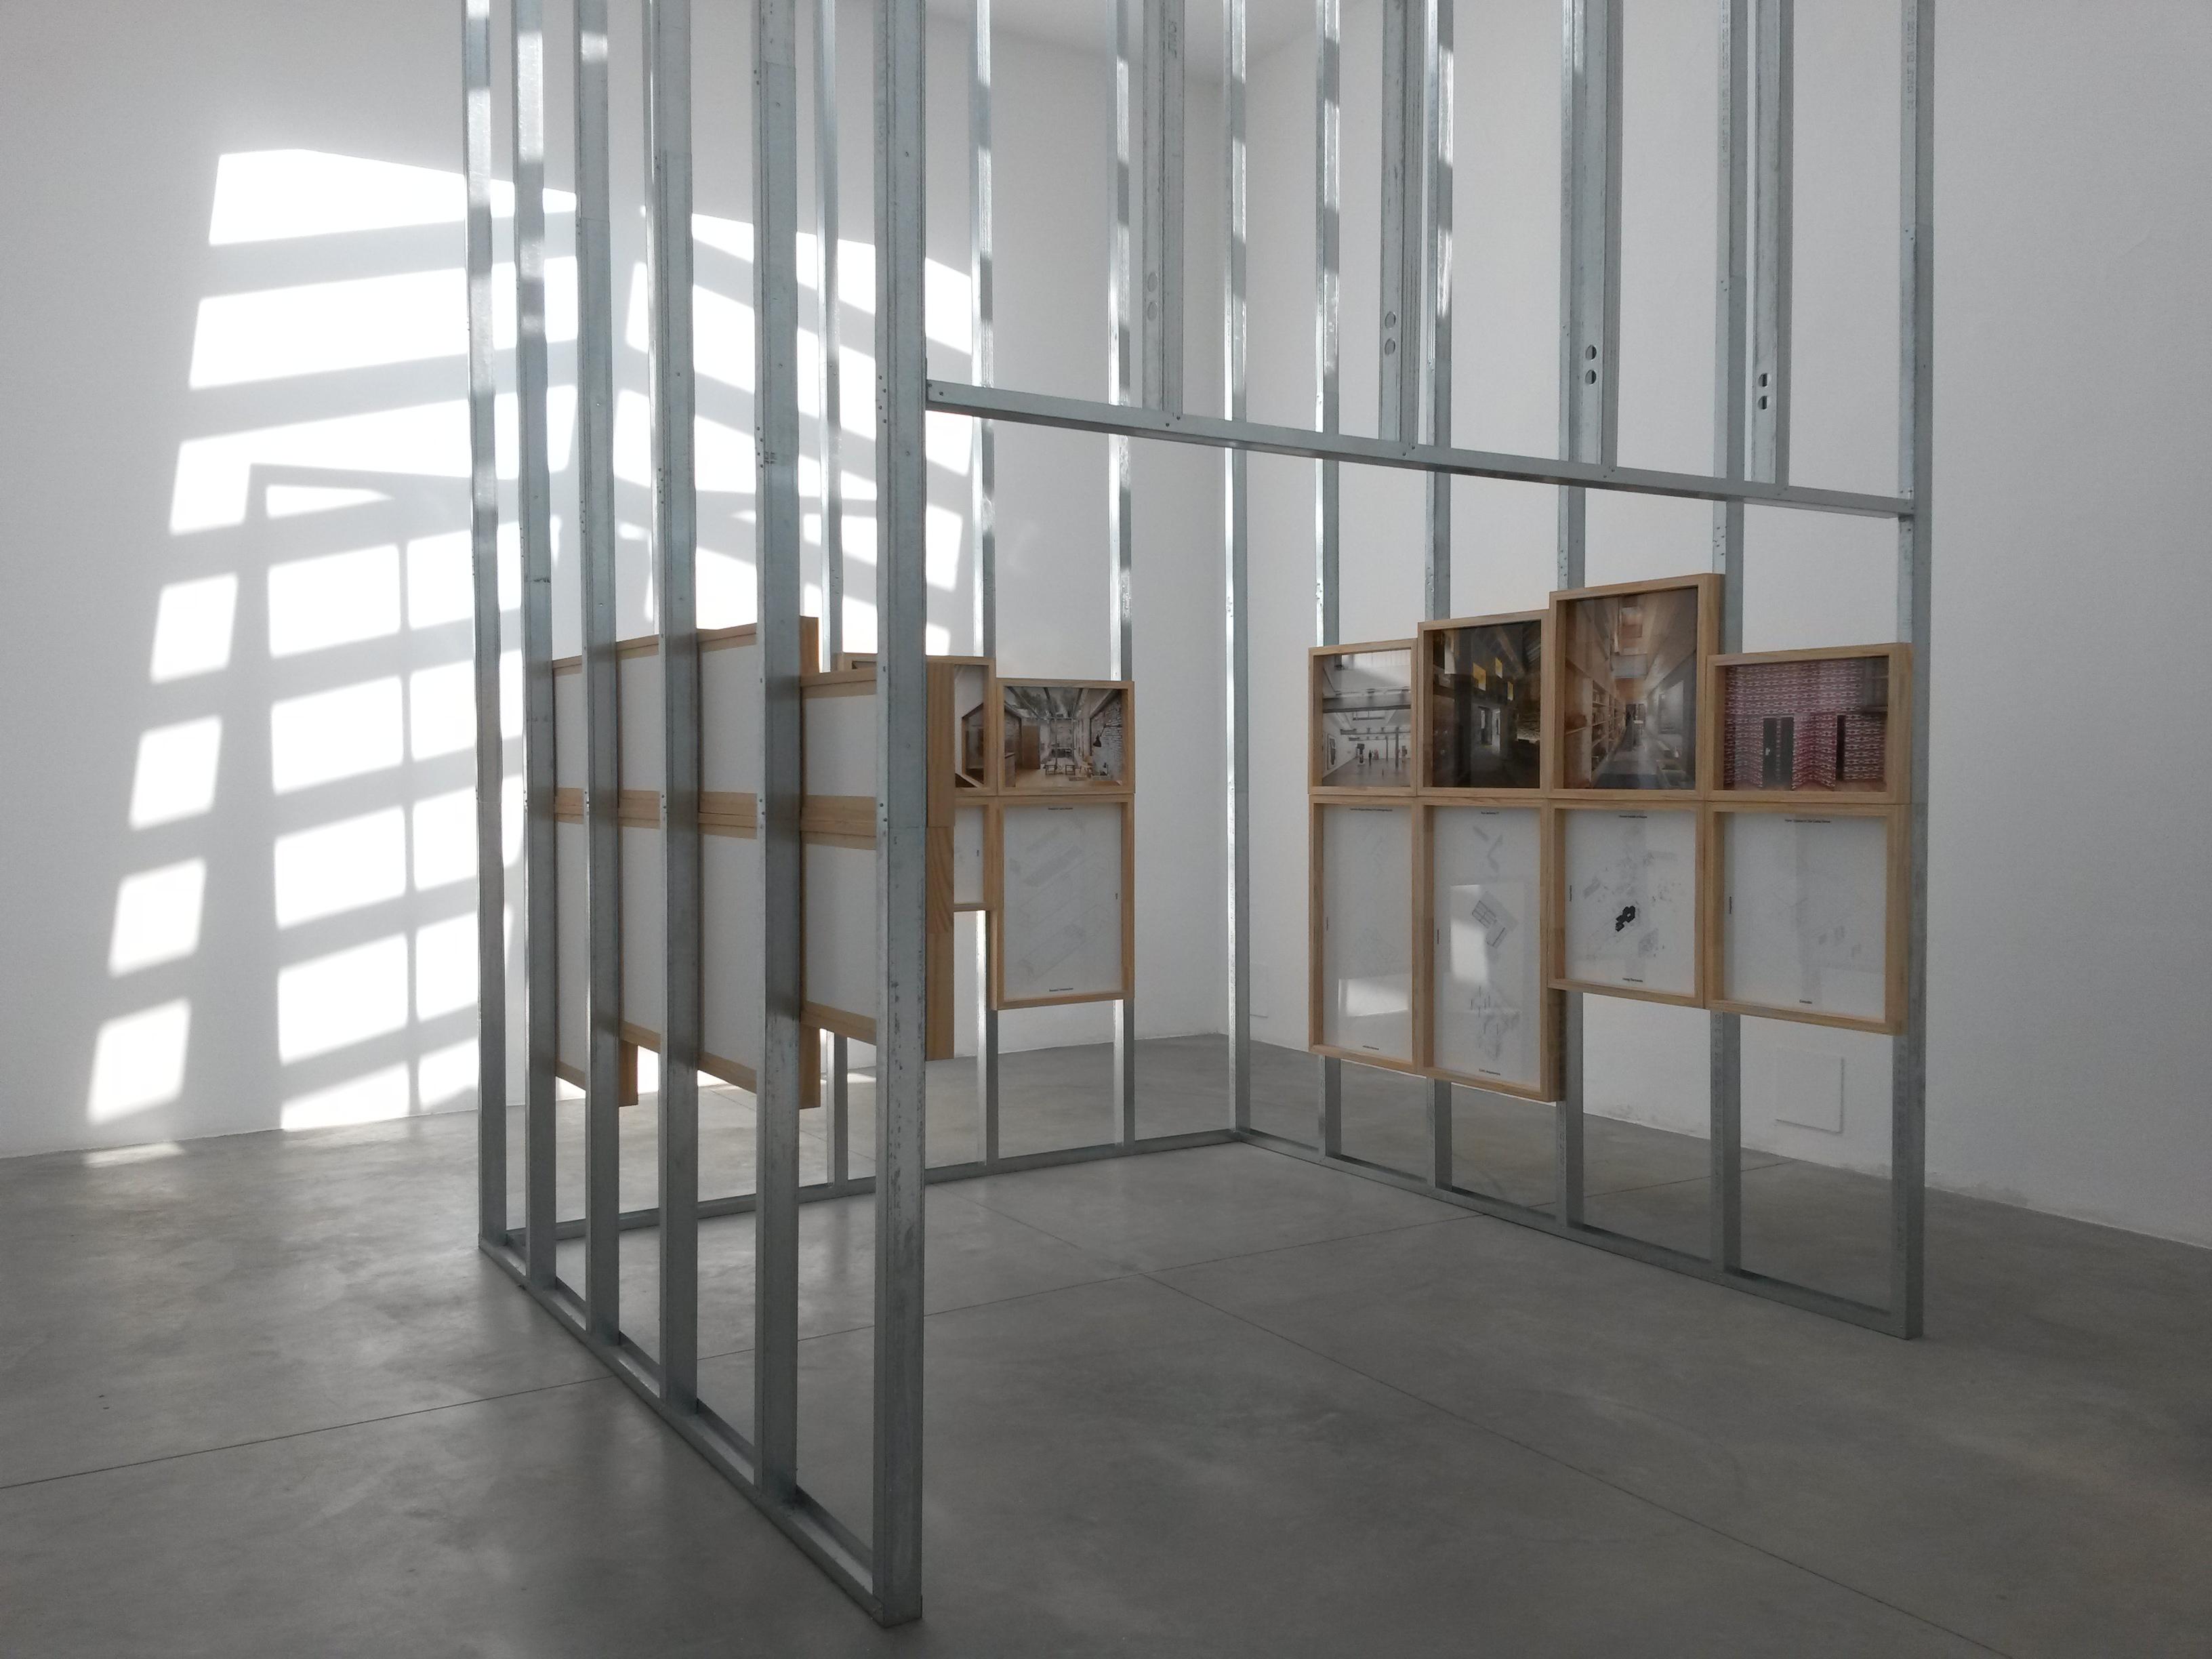 نمایشگاه کشور اسپانیا